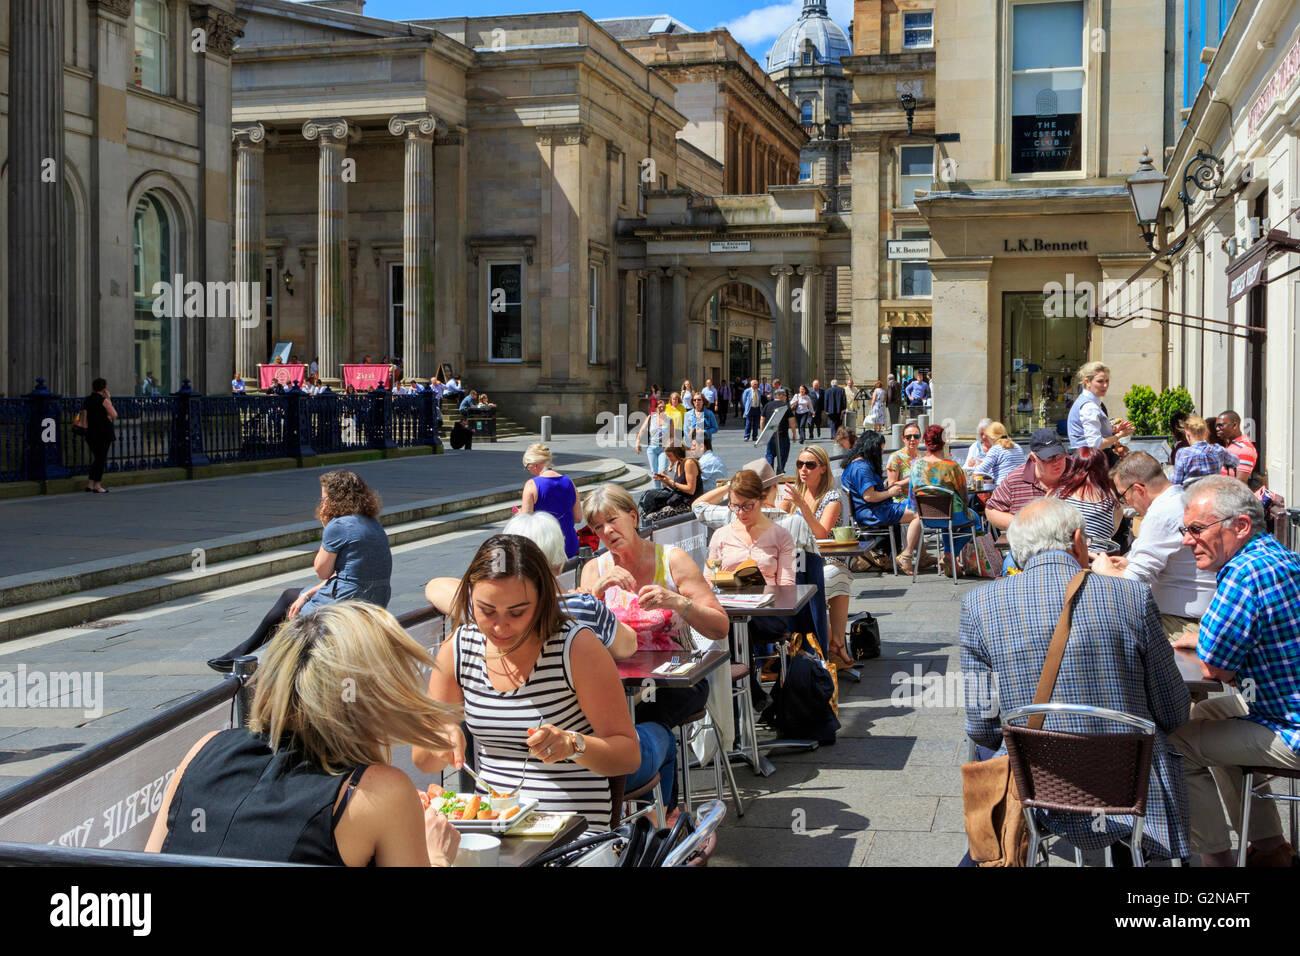 Royal Exchange Square Glasgow Scotland Stock Photos